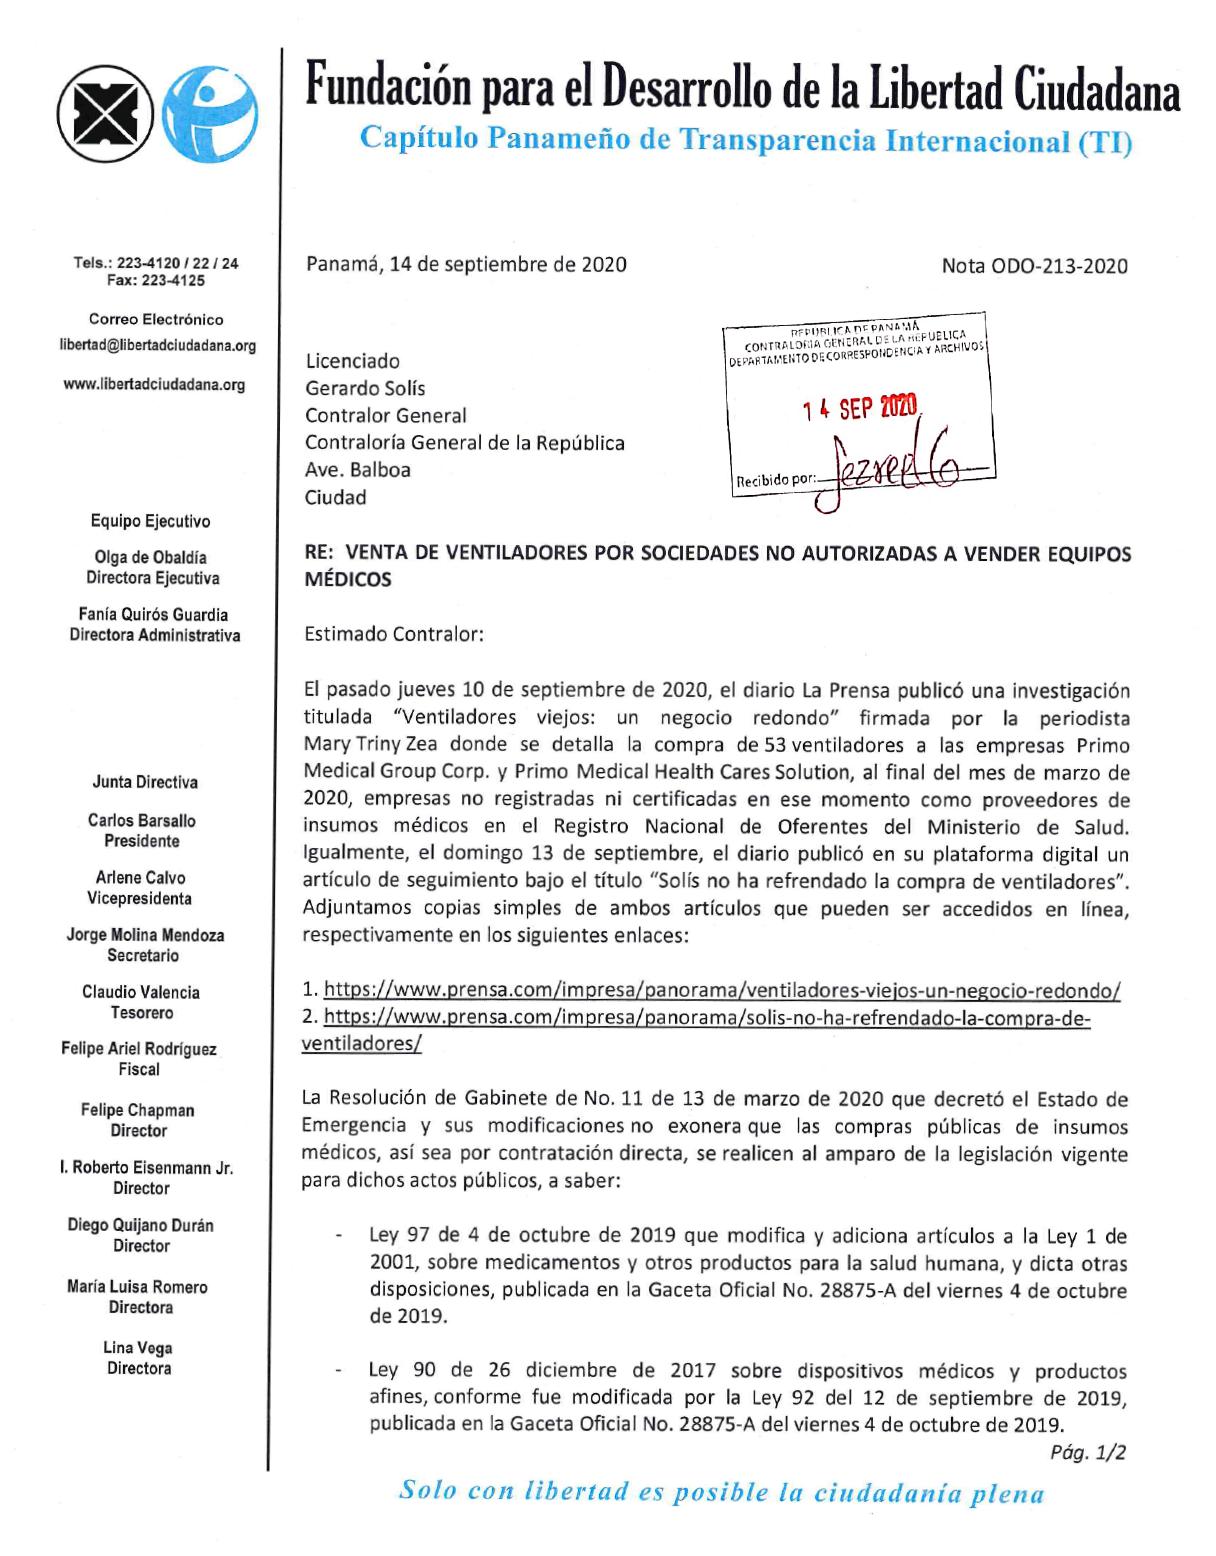 Solicitud al CGR para que no refrende compras a entes no autorizados para vender equipos médicos